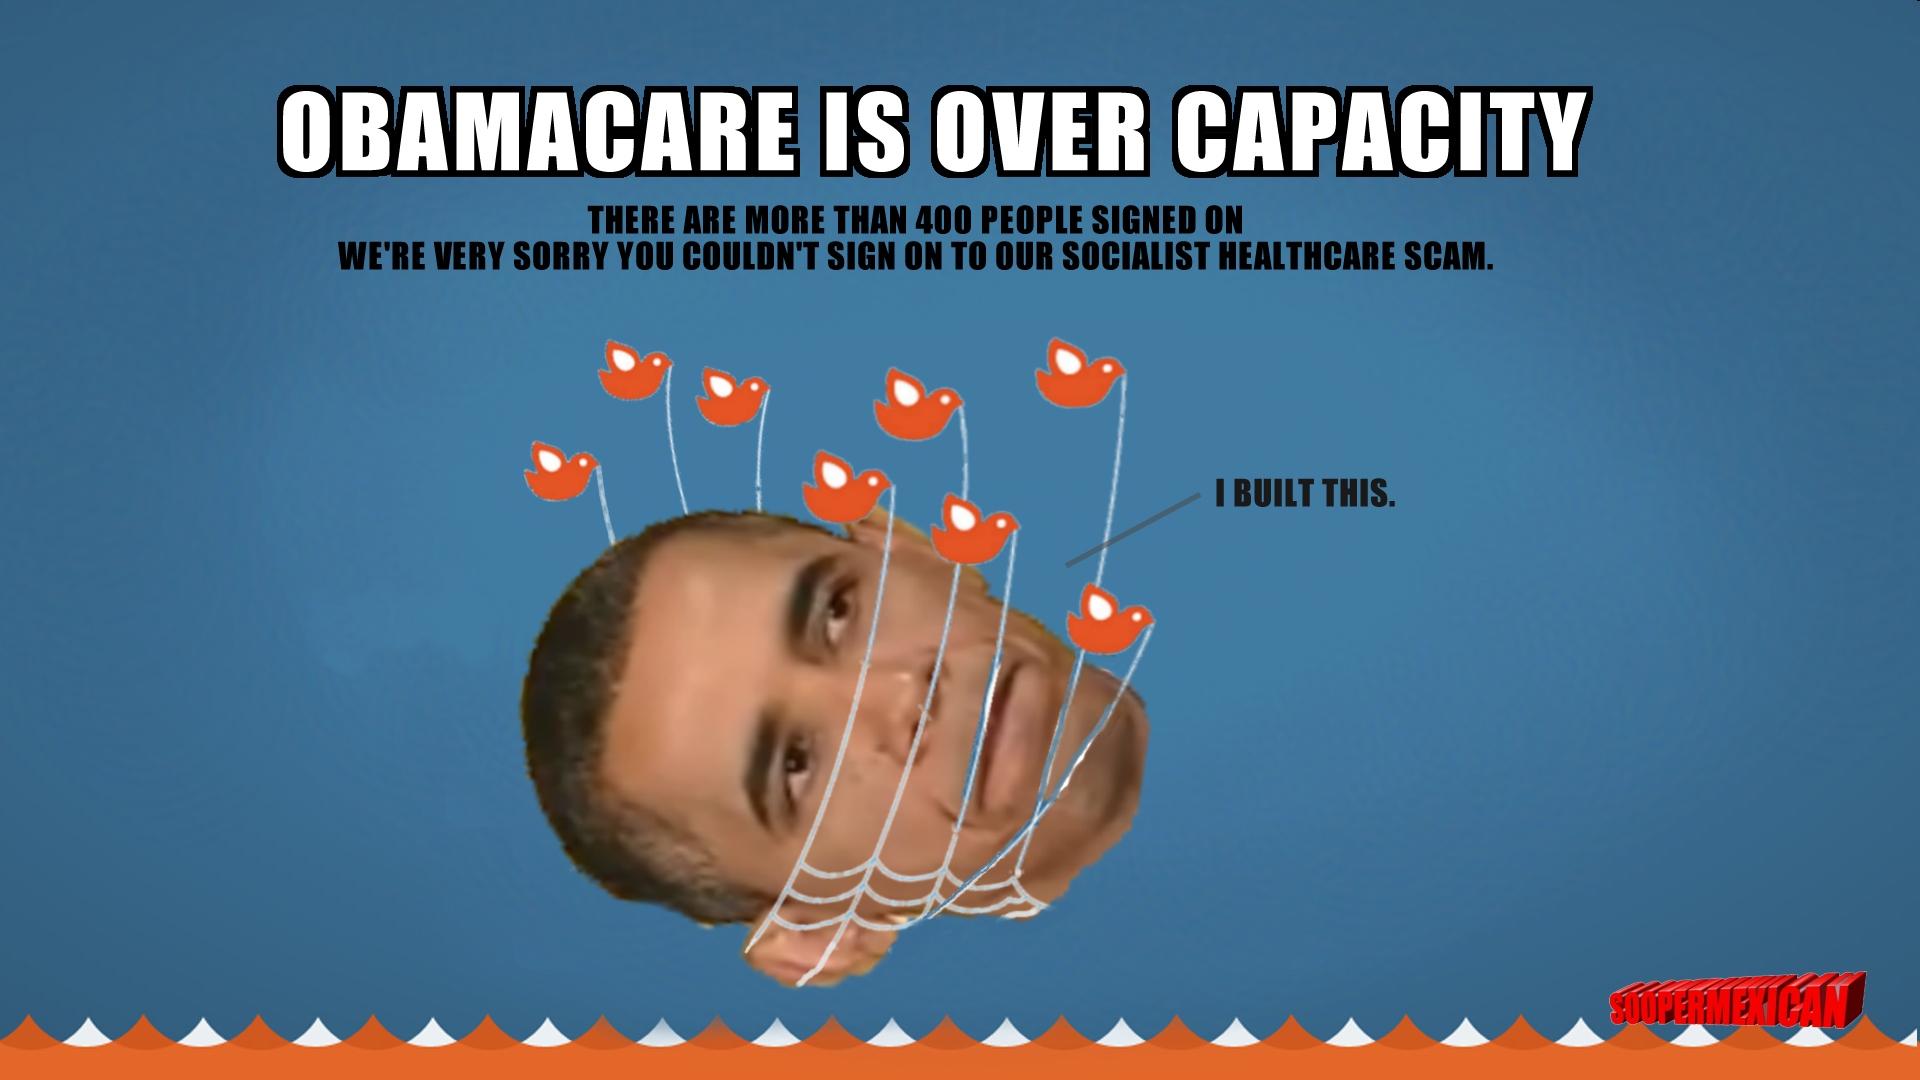 Obamacare-failwhale-obama